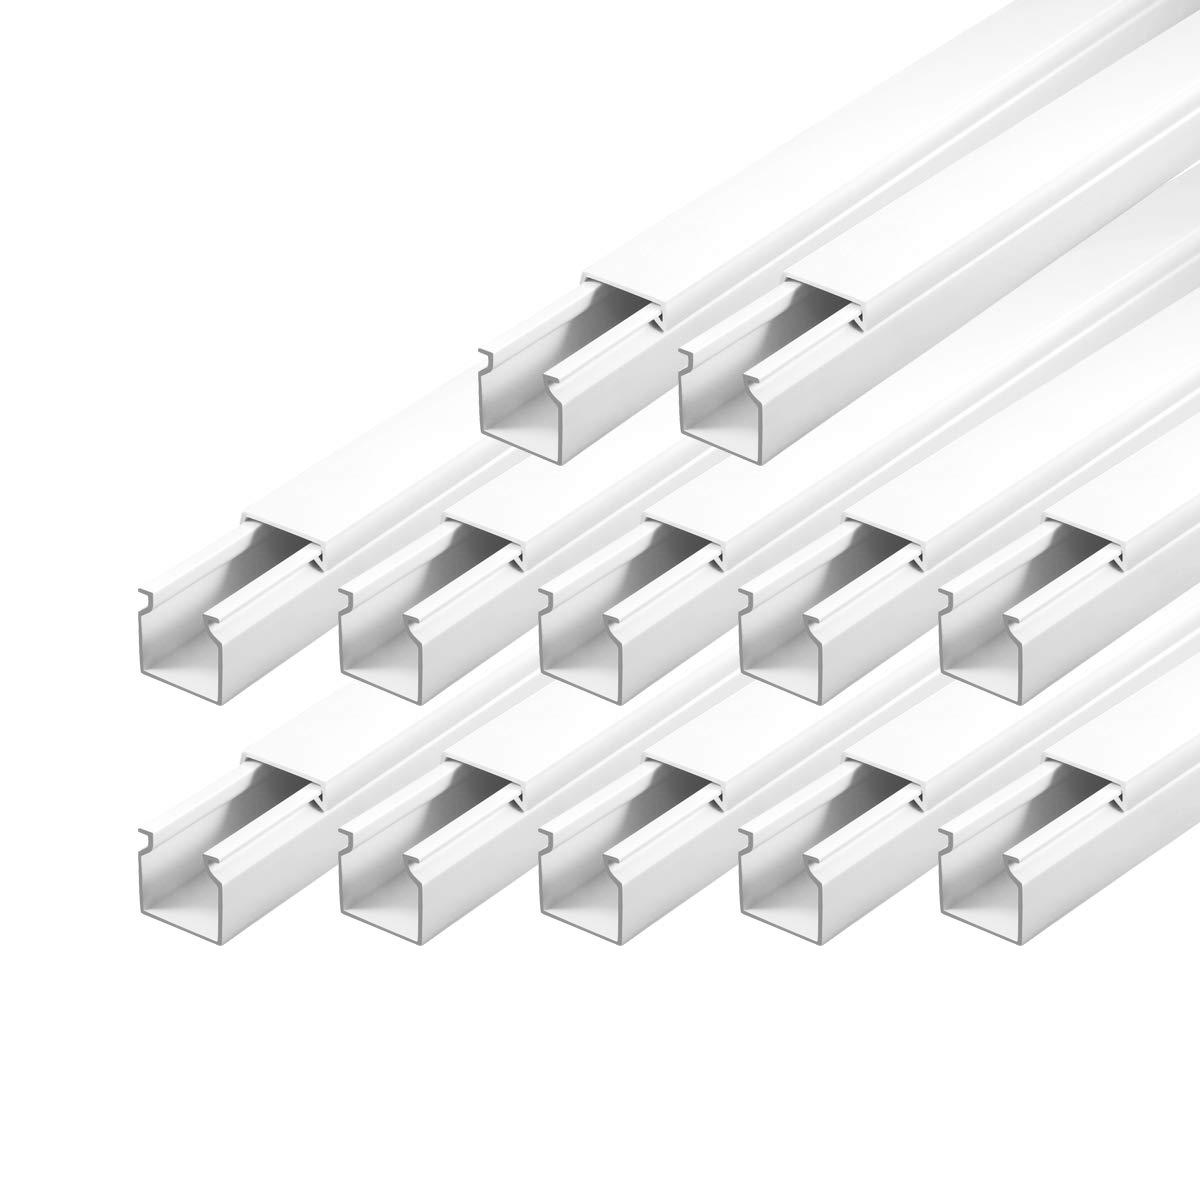 Kabelkanal schraubbar 25 x 25 mm PVC 12m Wand und Decken Montage